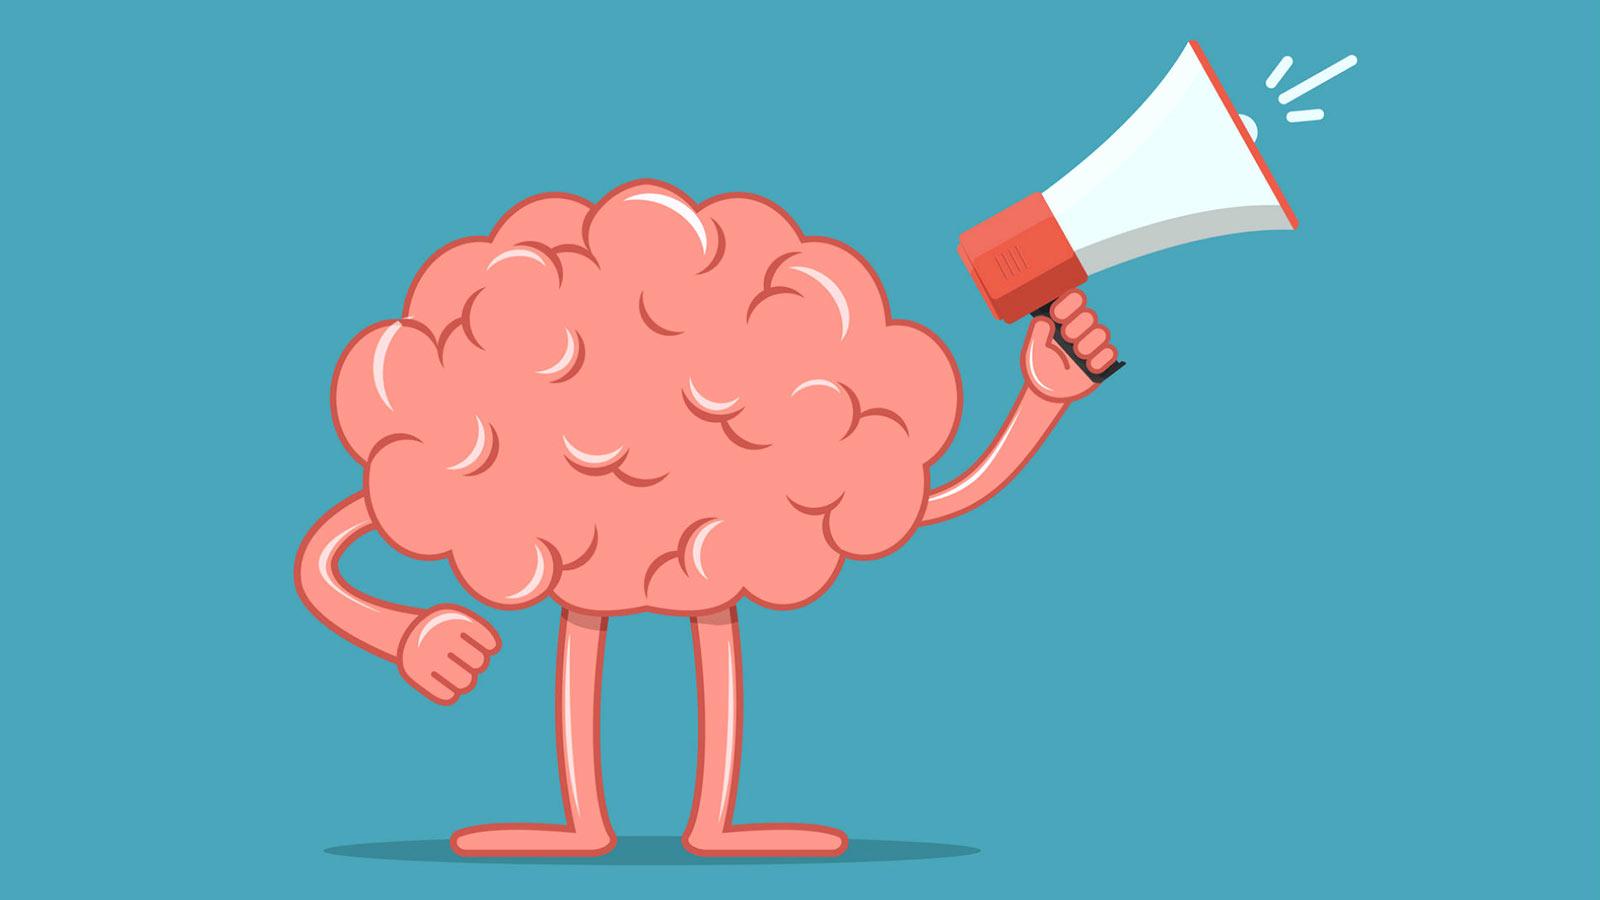 o que e neuromarketing saiba o que e e como usar 1a dumela - O que é neuromarketing? Saiba o que é e como usar!